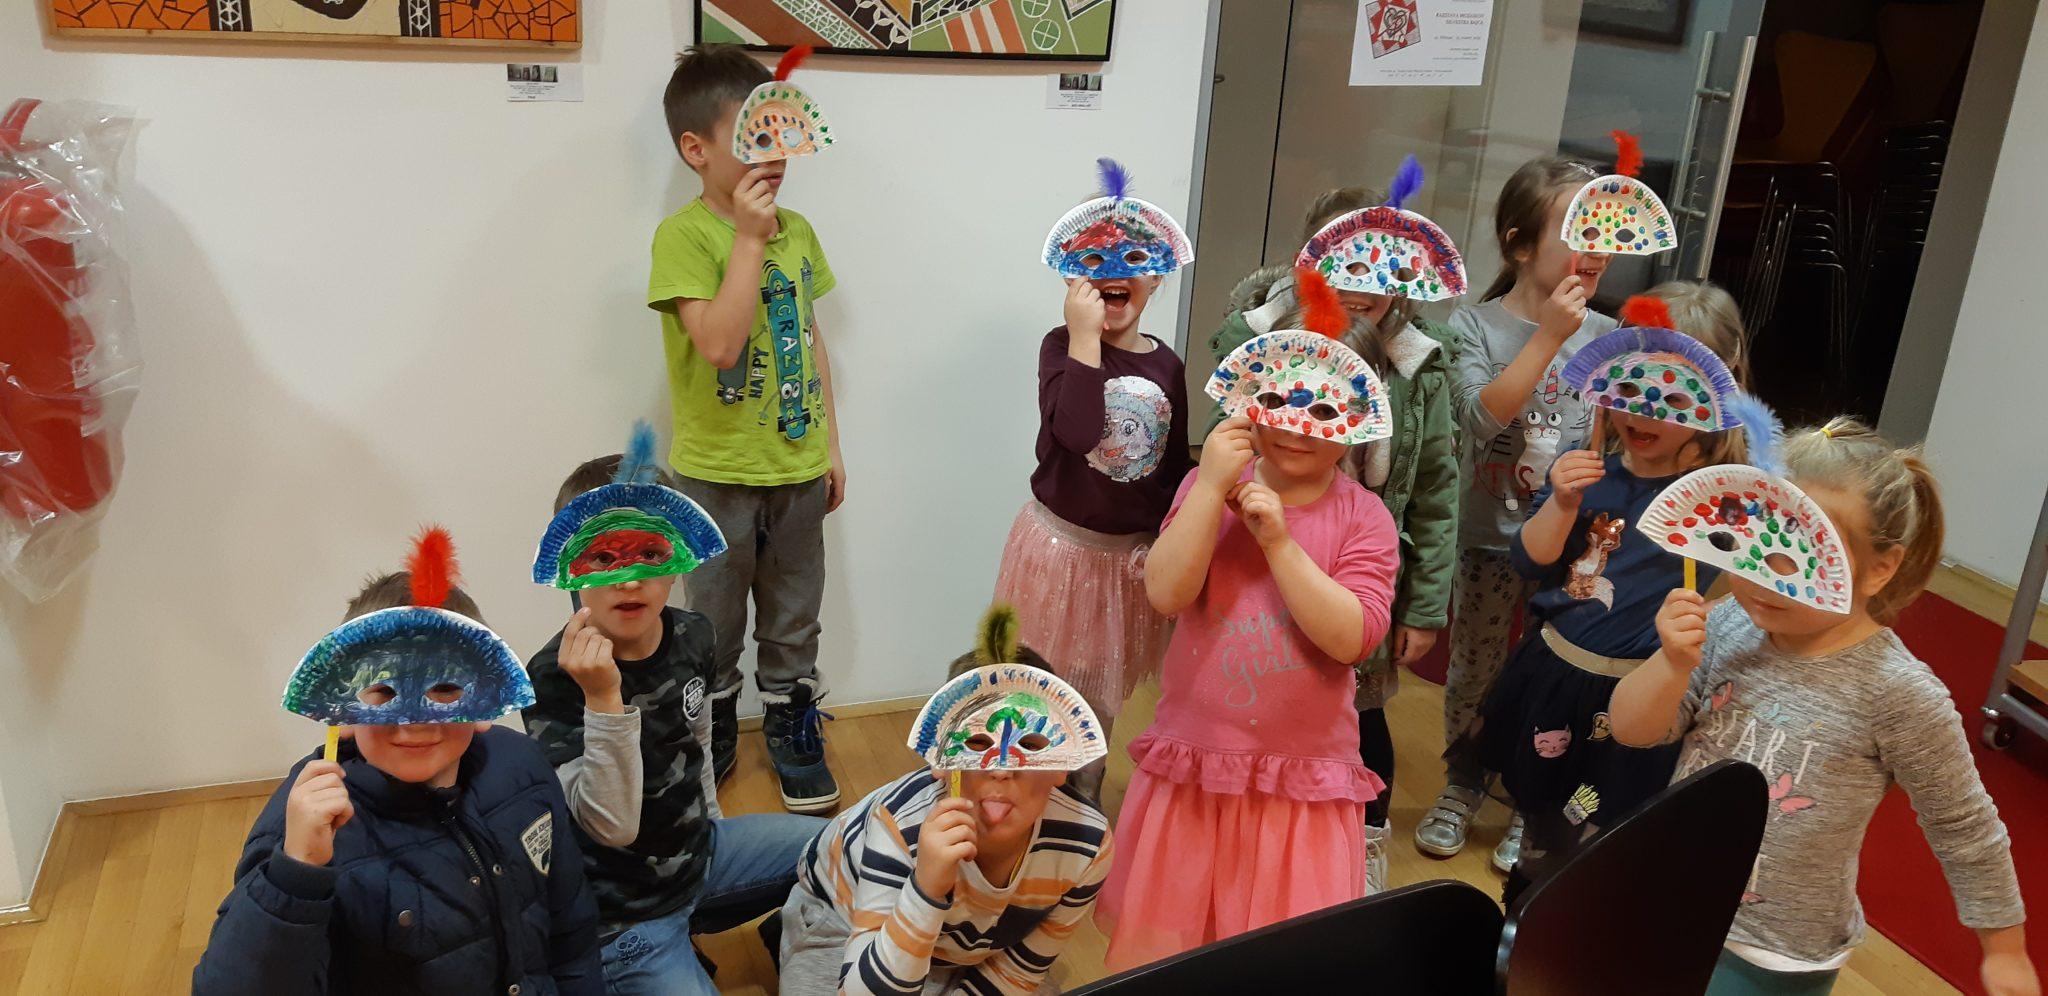 20190219 180147 - Pravljična urica z ustvarjalno delavnico za otroke od 4. leta dalje – Rakek